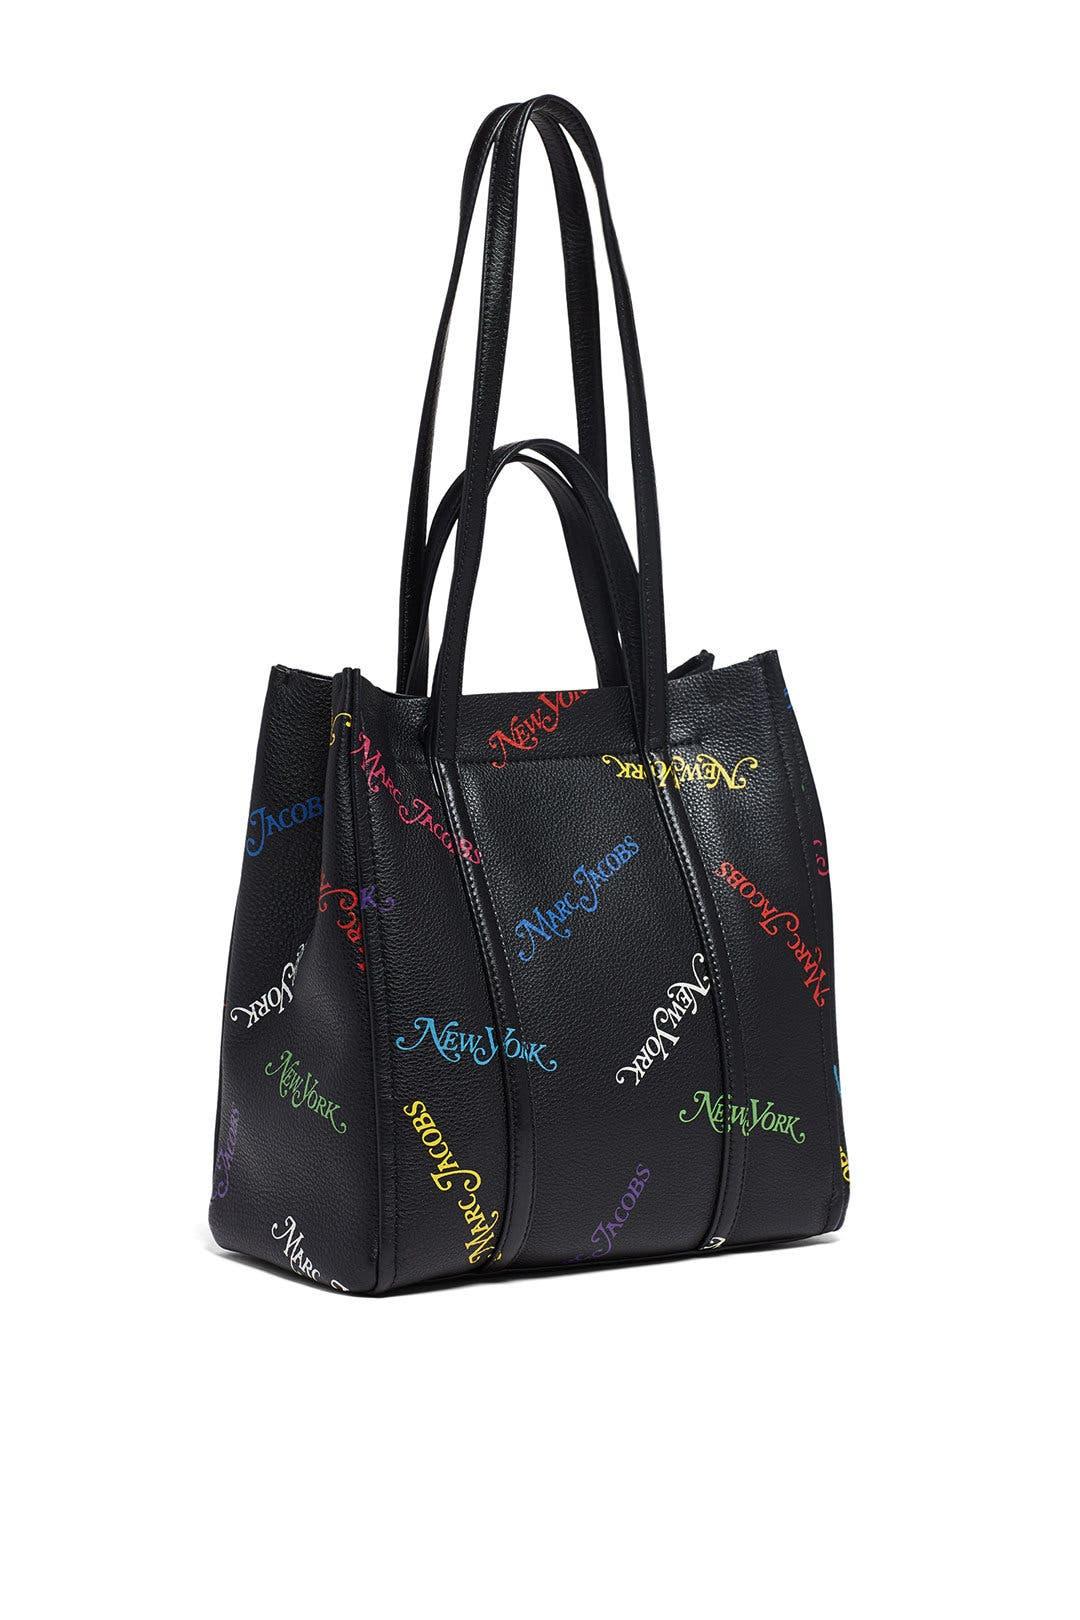 Marc Jacobs Handbags New York Magazine x Marc Jacobs Tag Tote